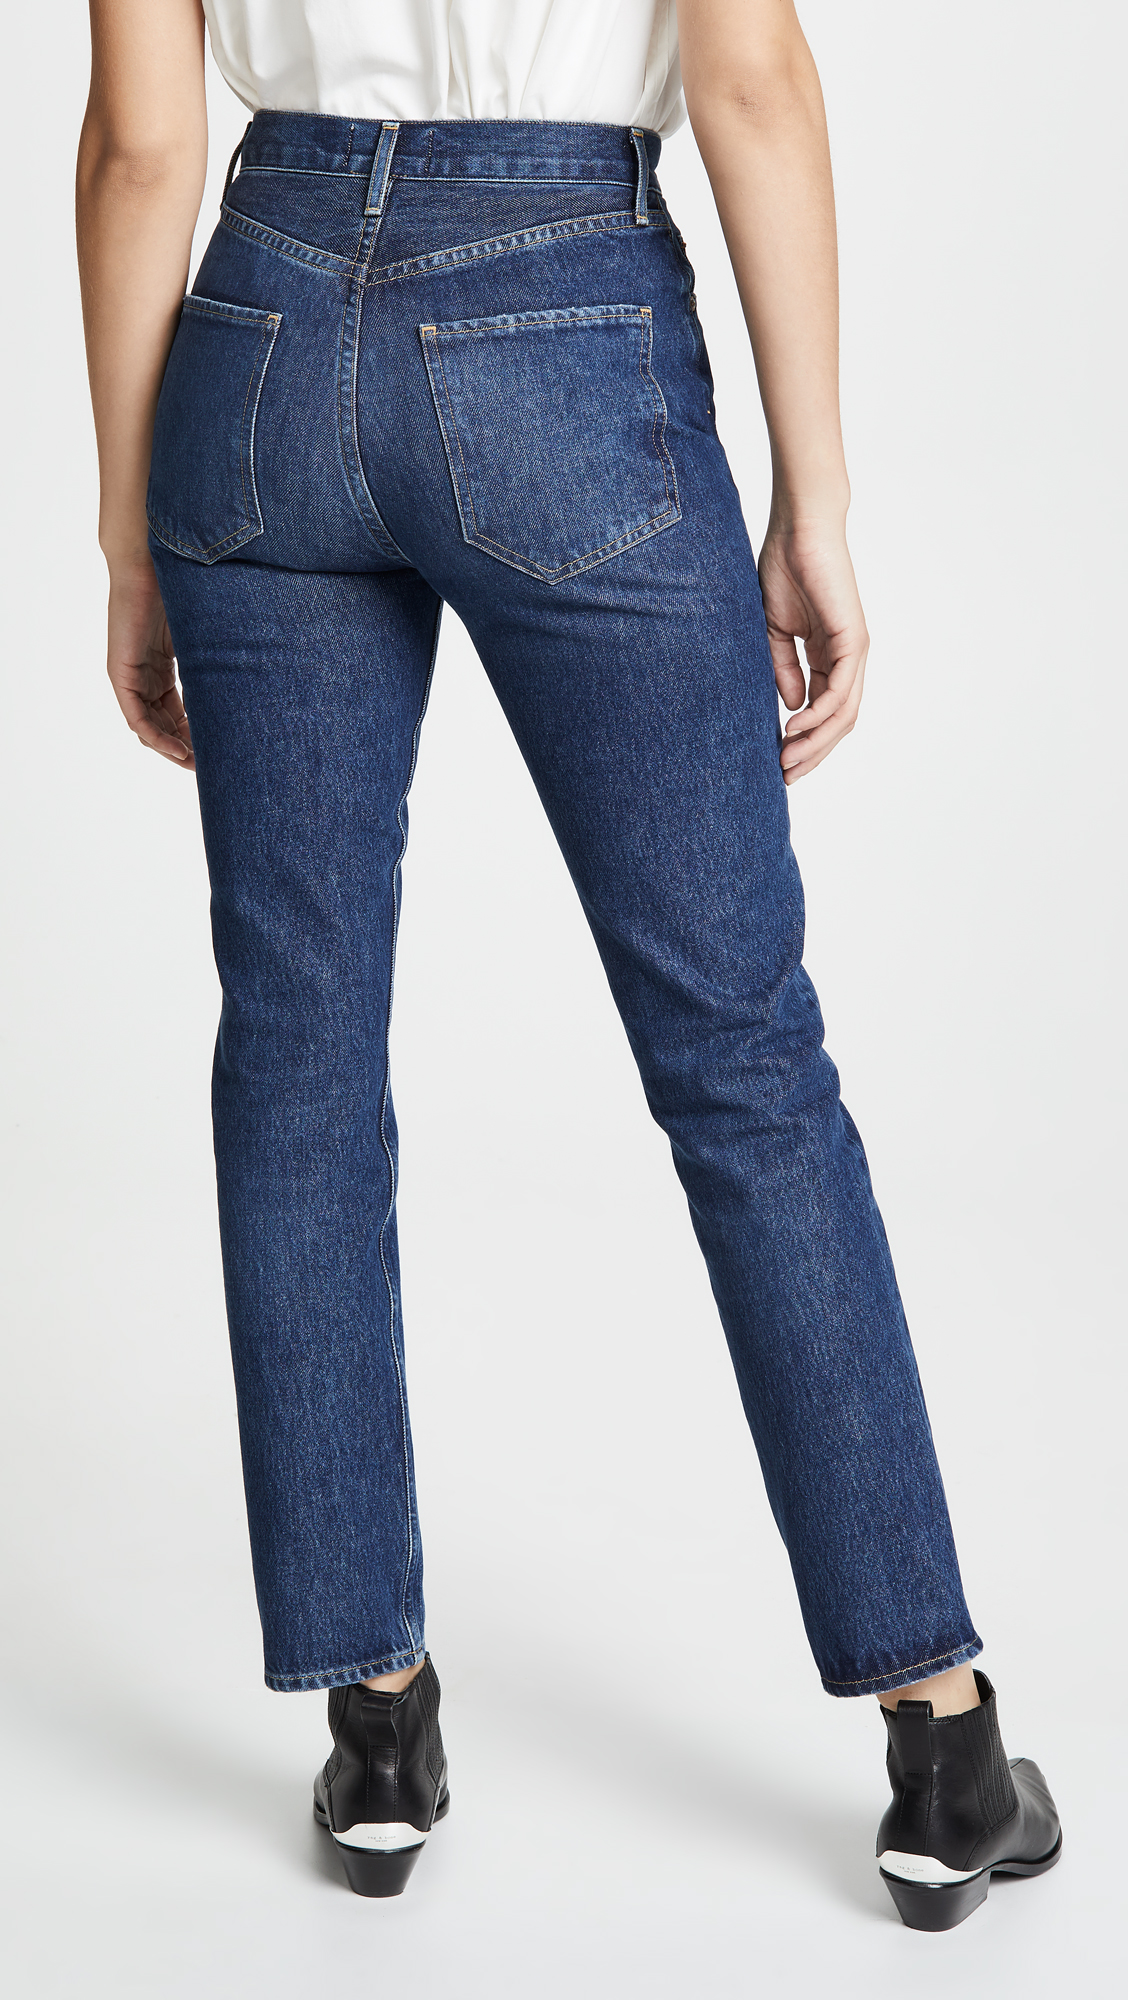 É oficial: esses são os melhores jeans do mercado    STYLECASTER